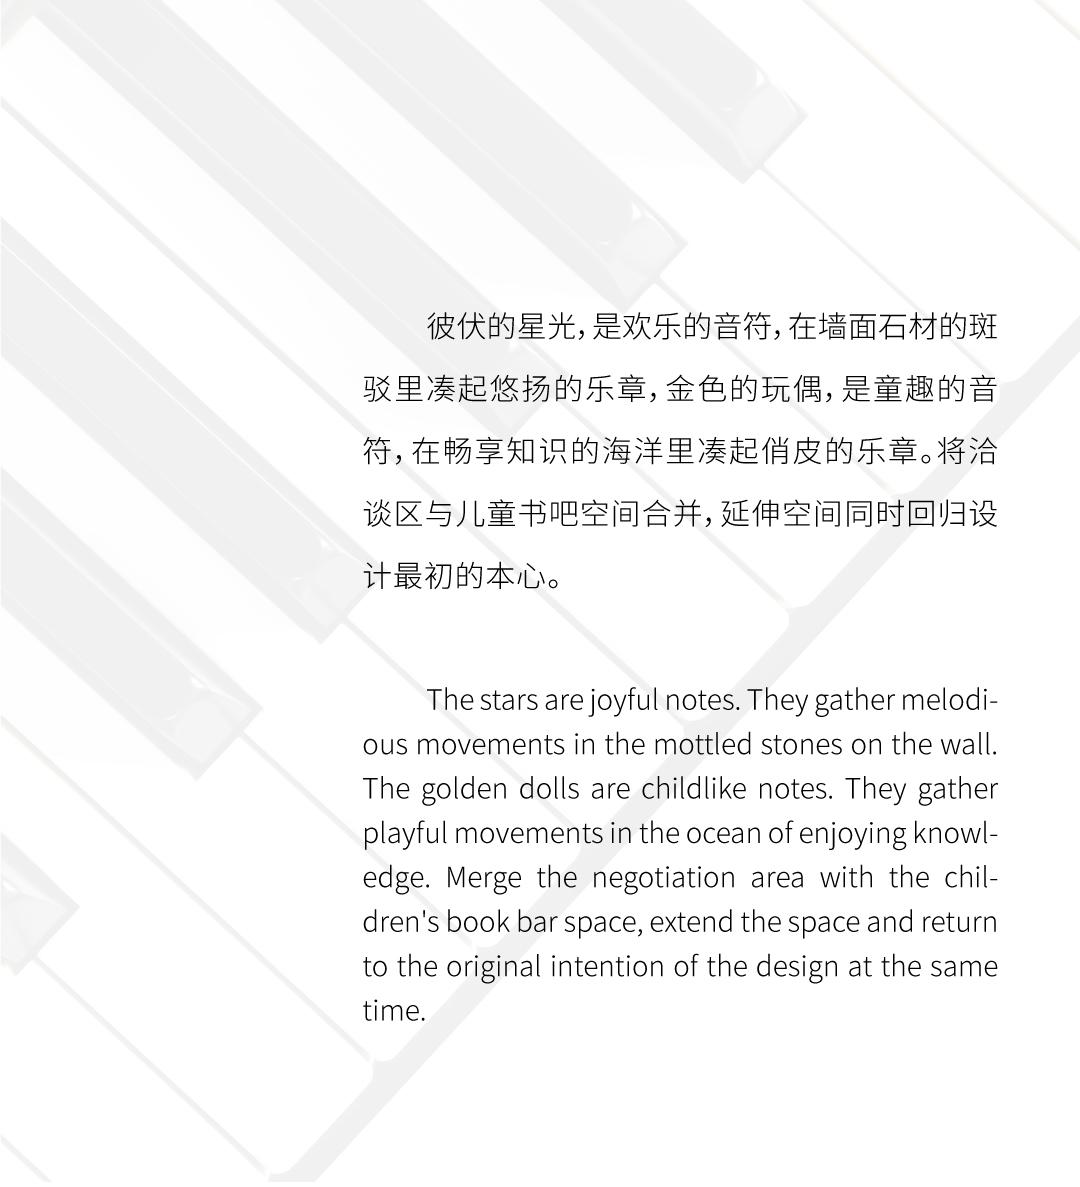 东莞中梁-恒哲时光128公馆17.jpg